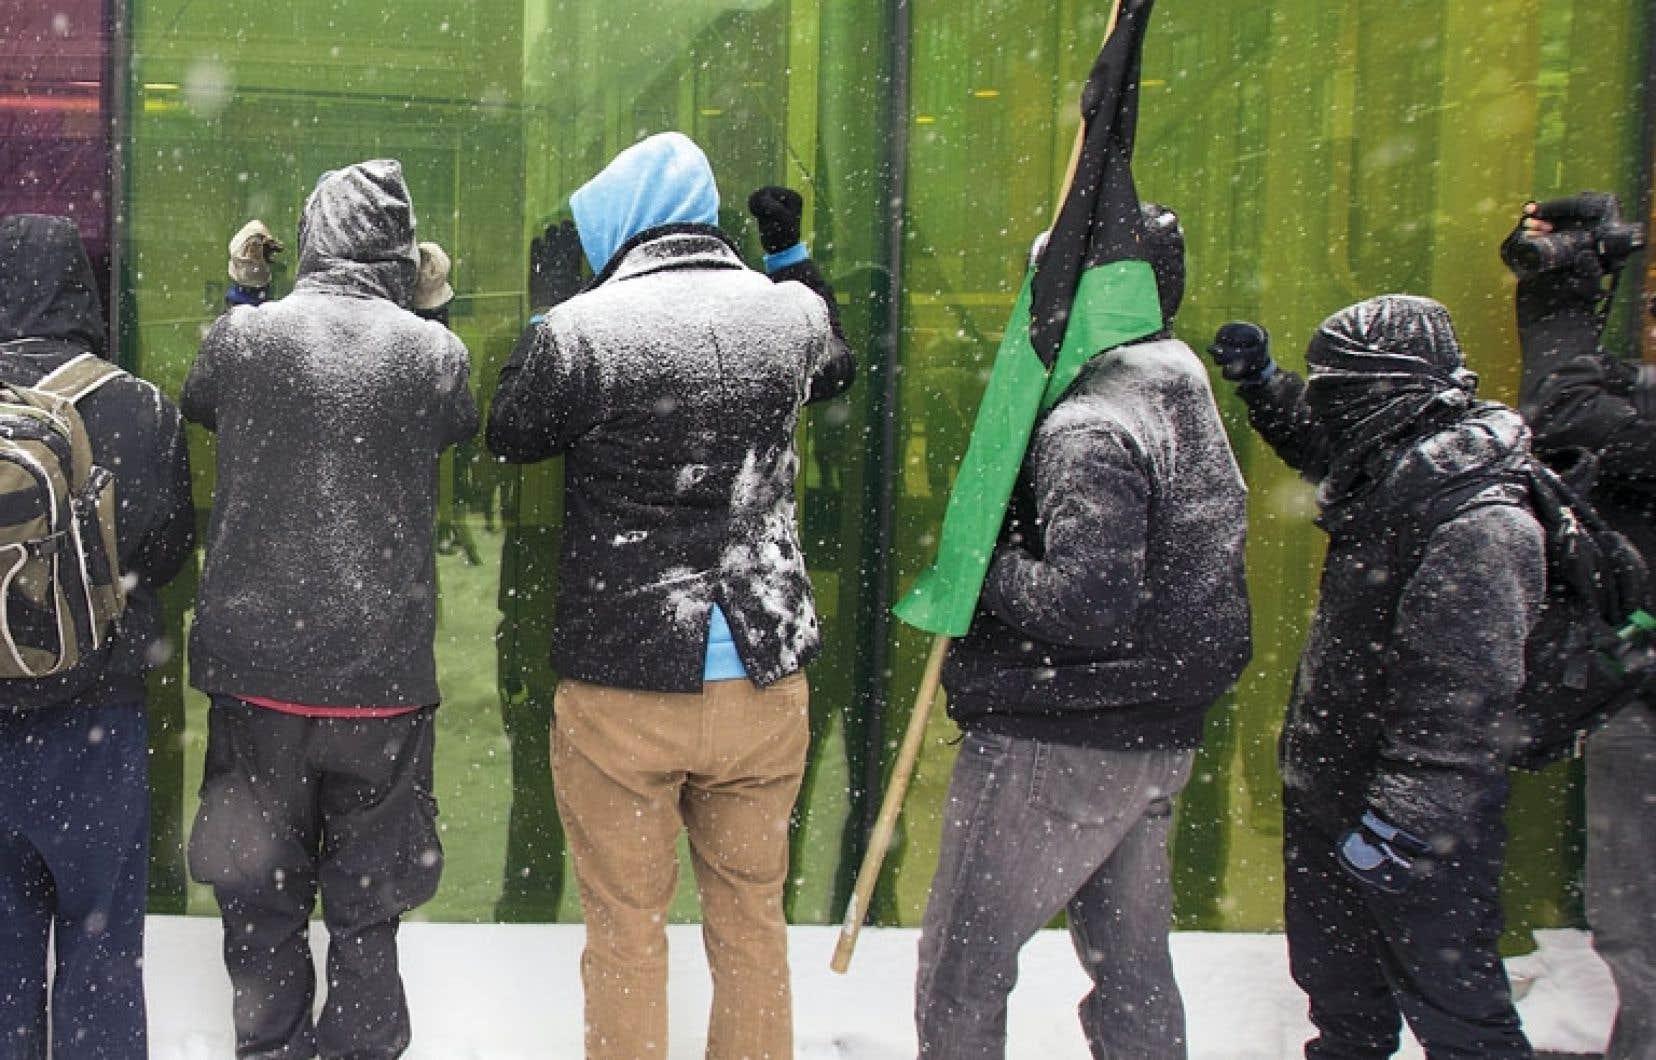 <div> Les manifestants ont tenté à plusieurs reprises d'entrer à l'intérieur du Palais des congrès, mais ils ont été chaque fois repoussés par la police.</div>